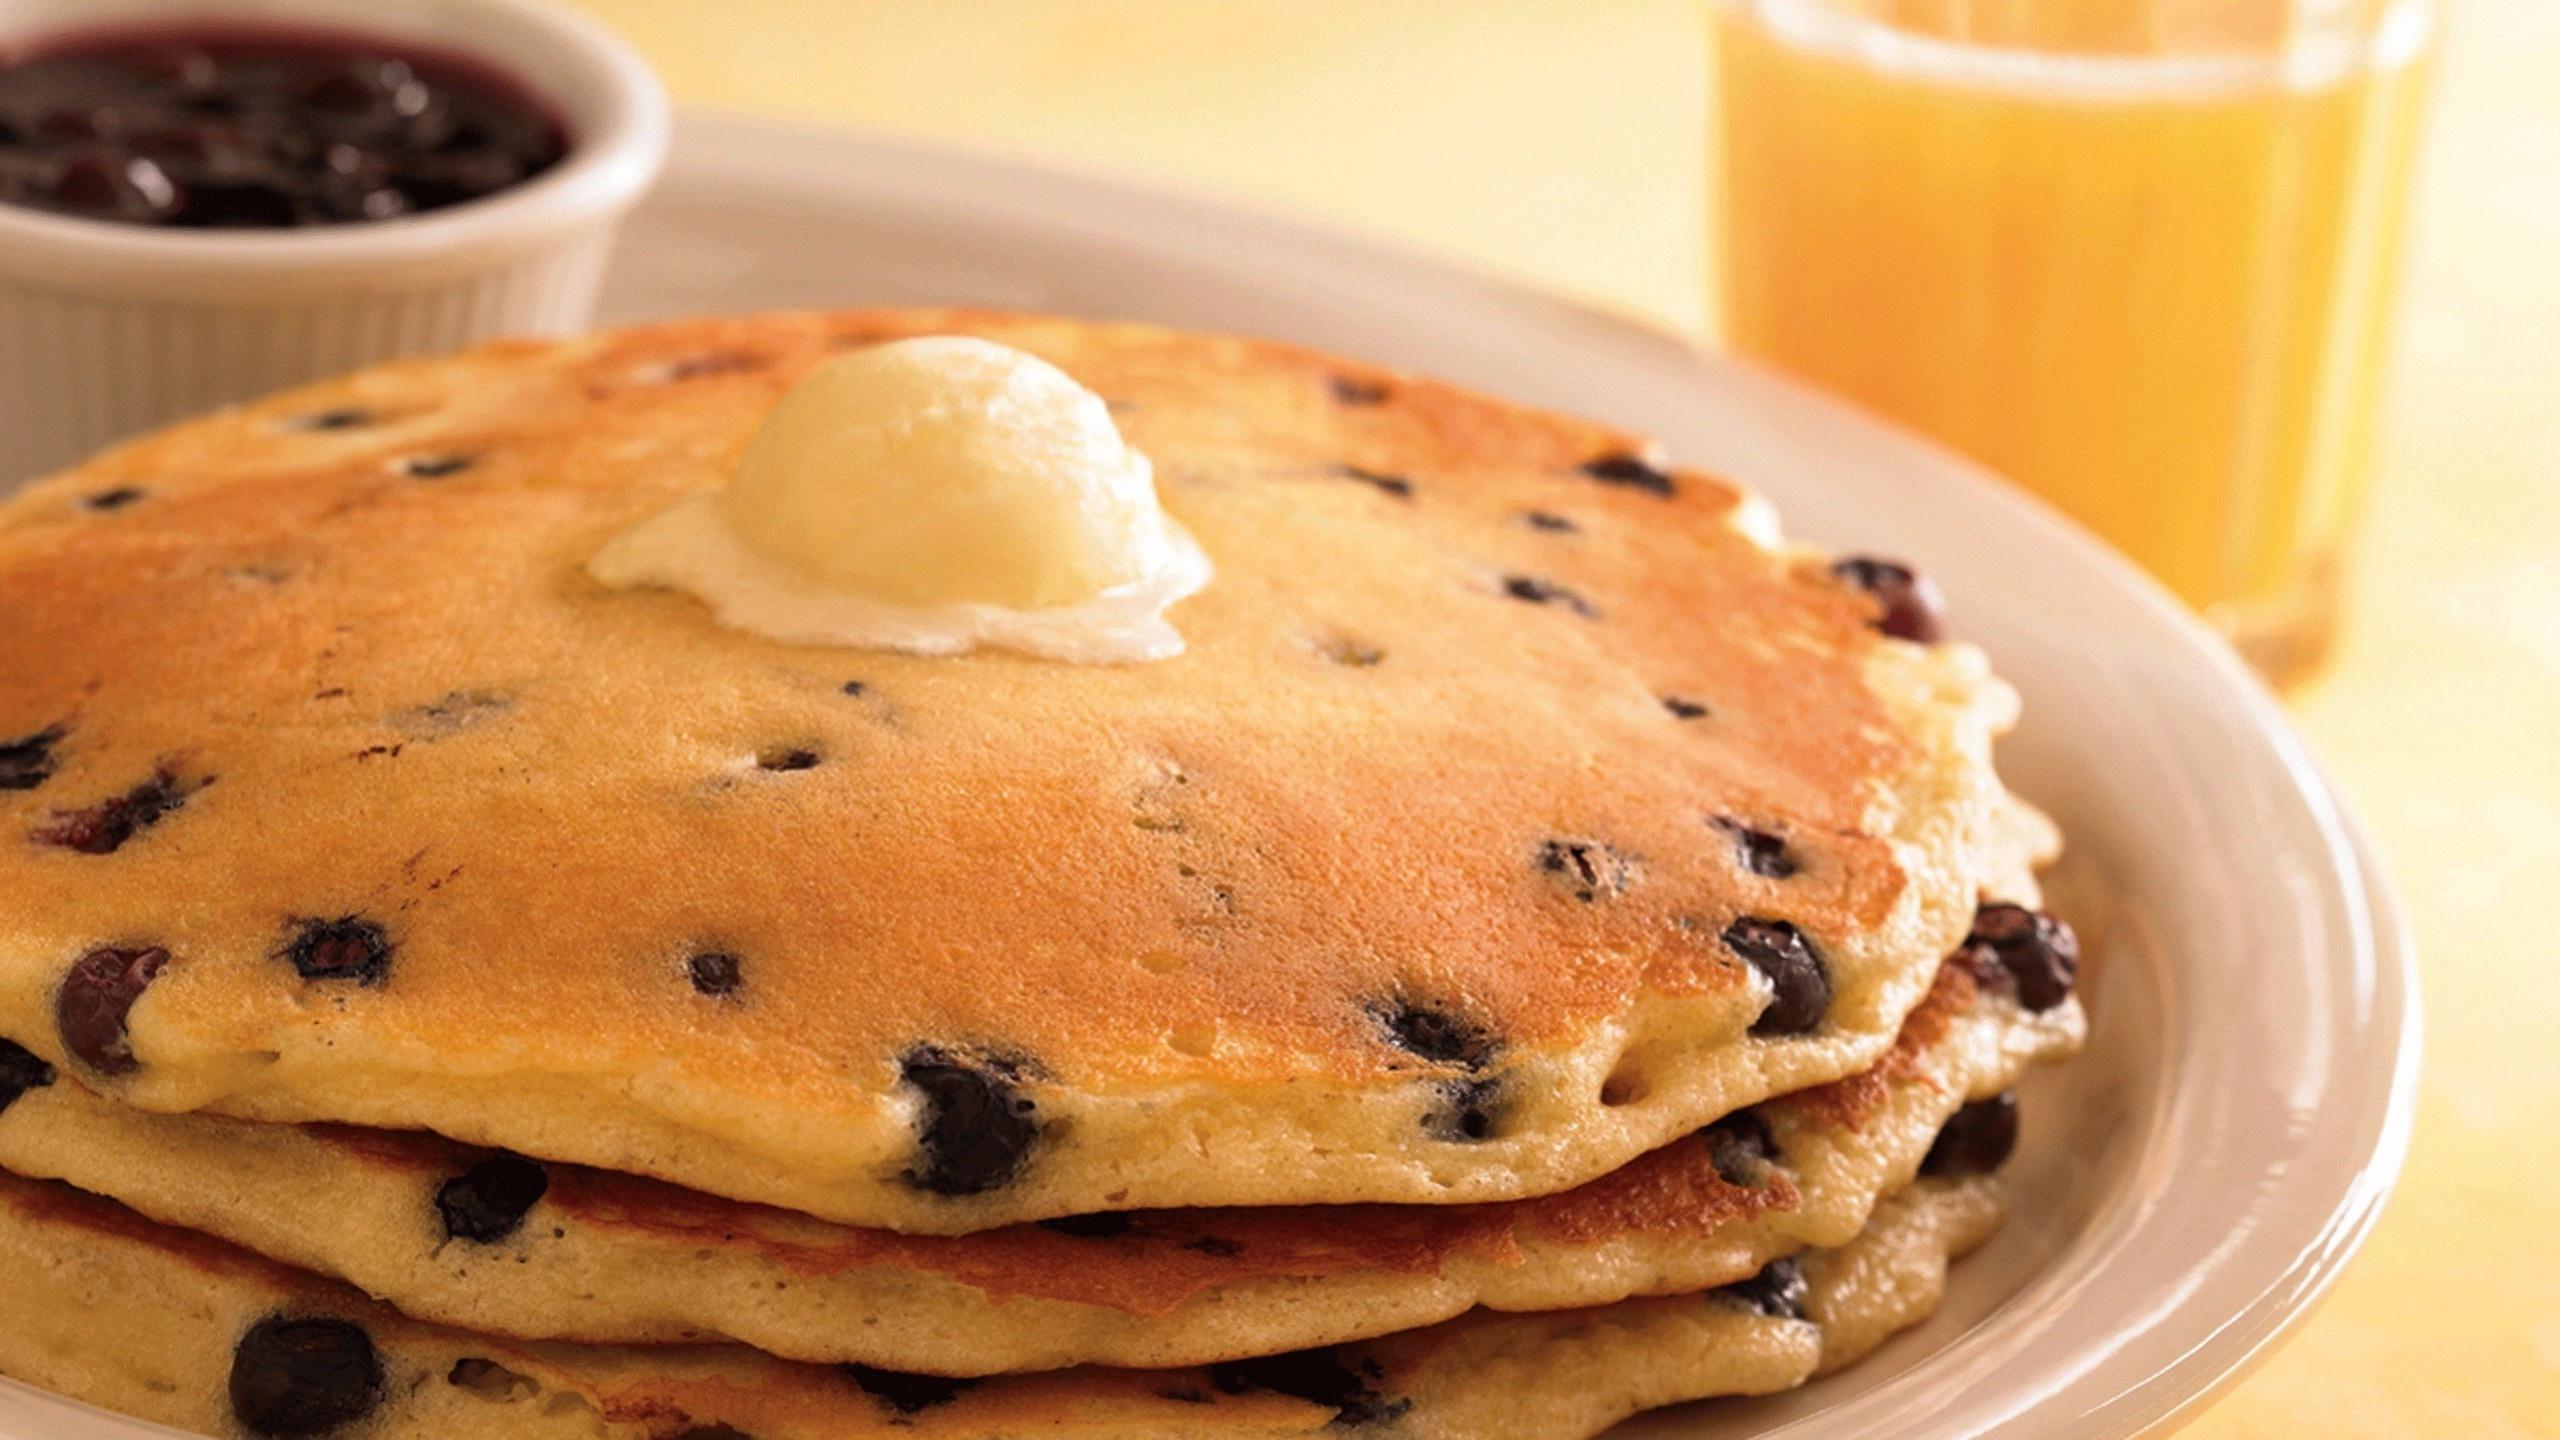 Pancakes Wallpaper 6852284 2560x1440